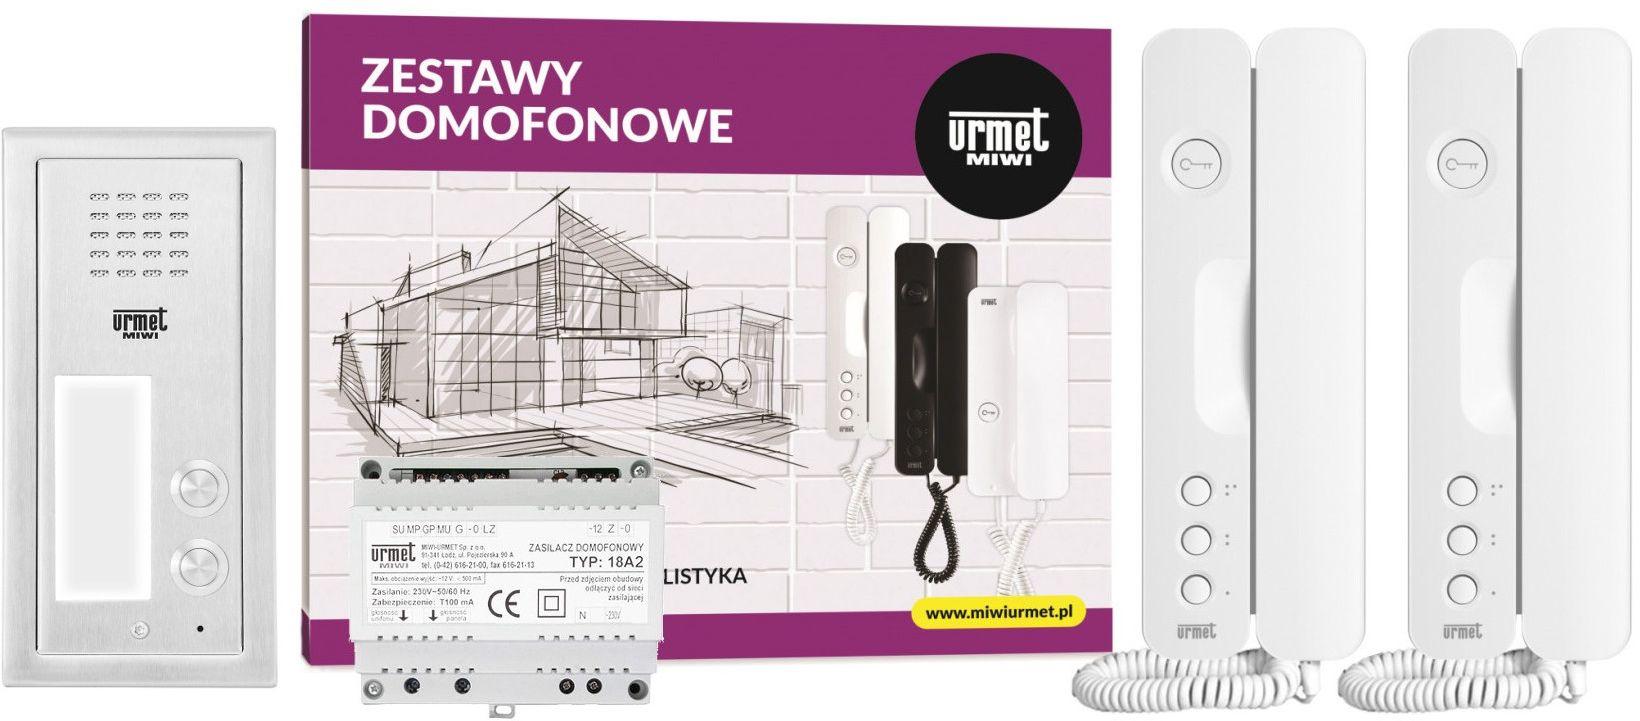 Zestaw domofonowy 6025/402 MIWI-URMET